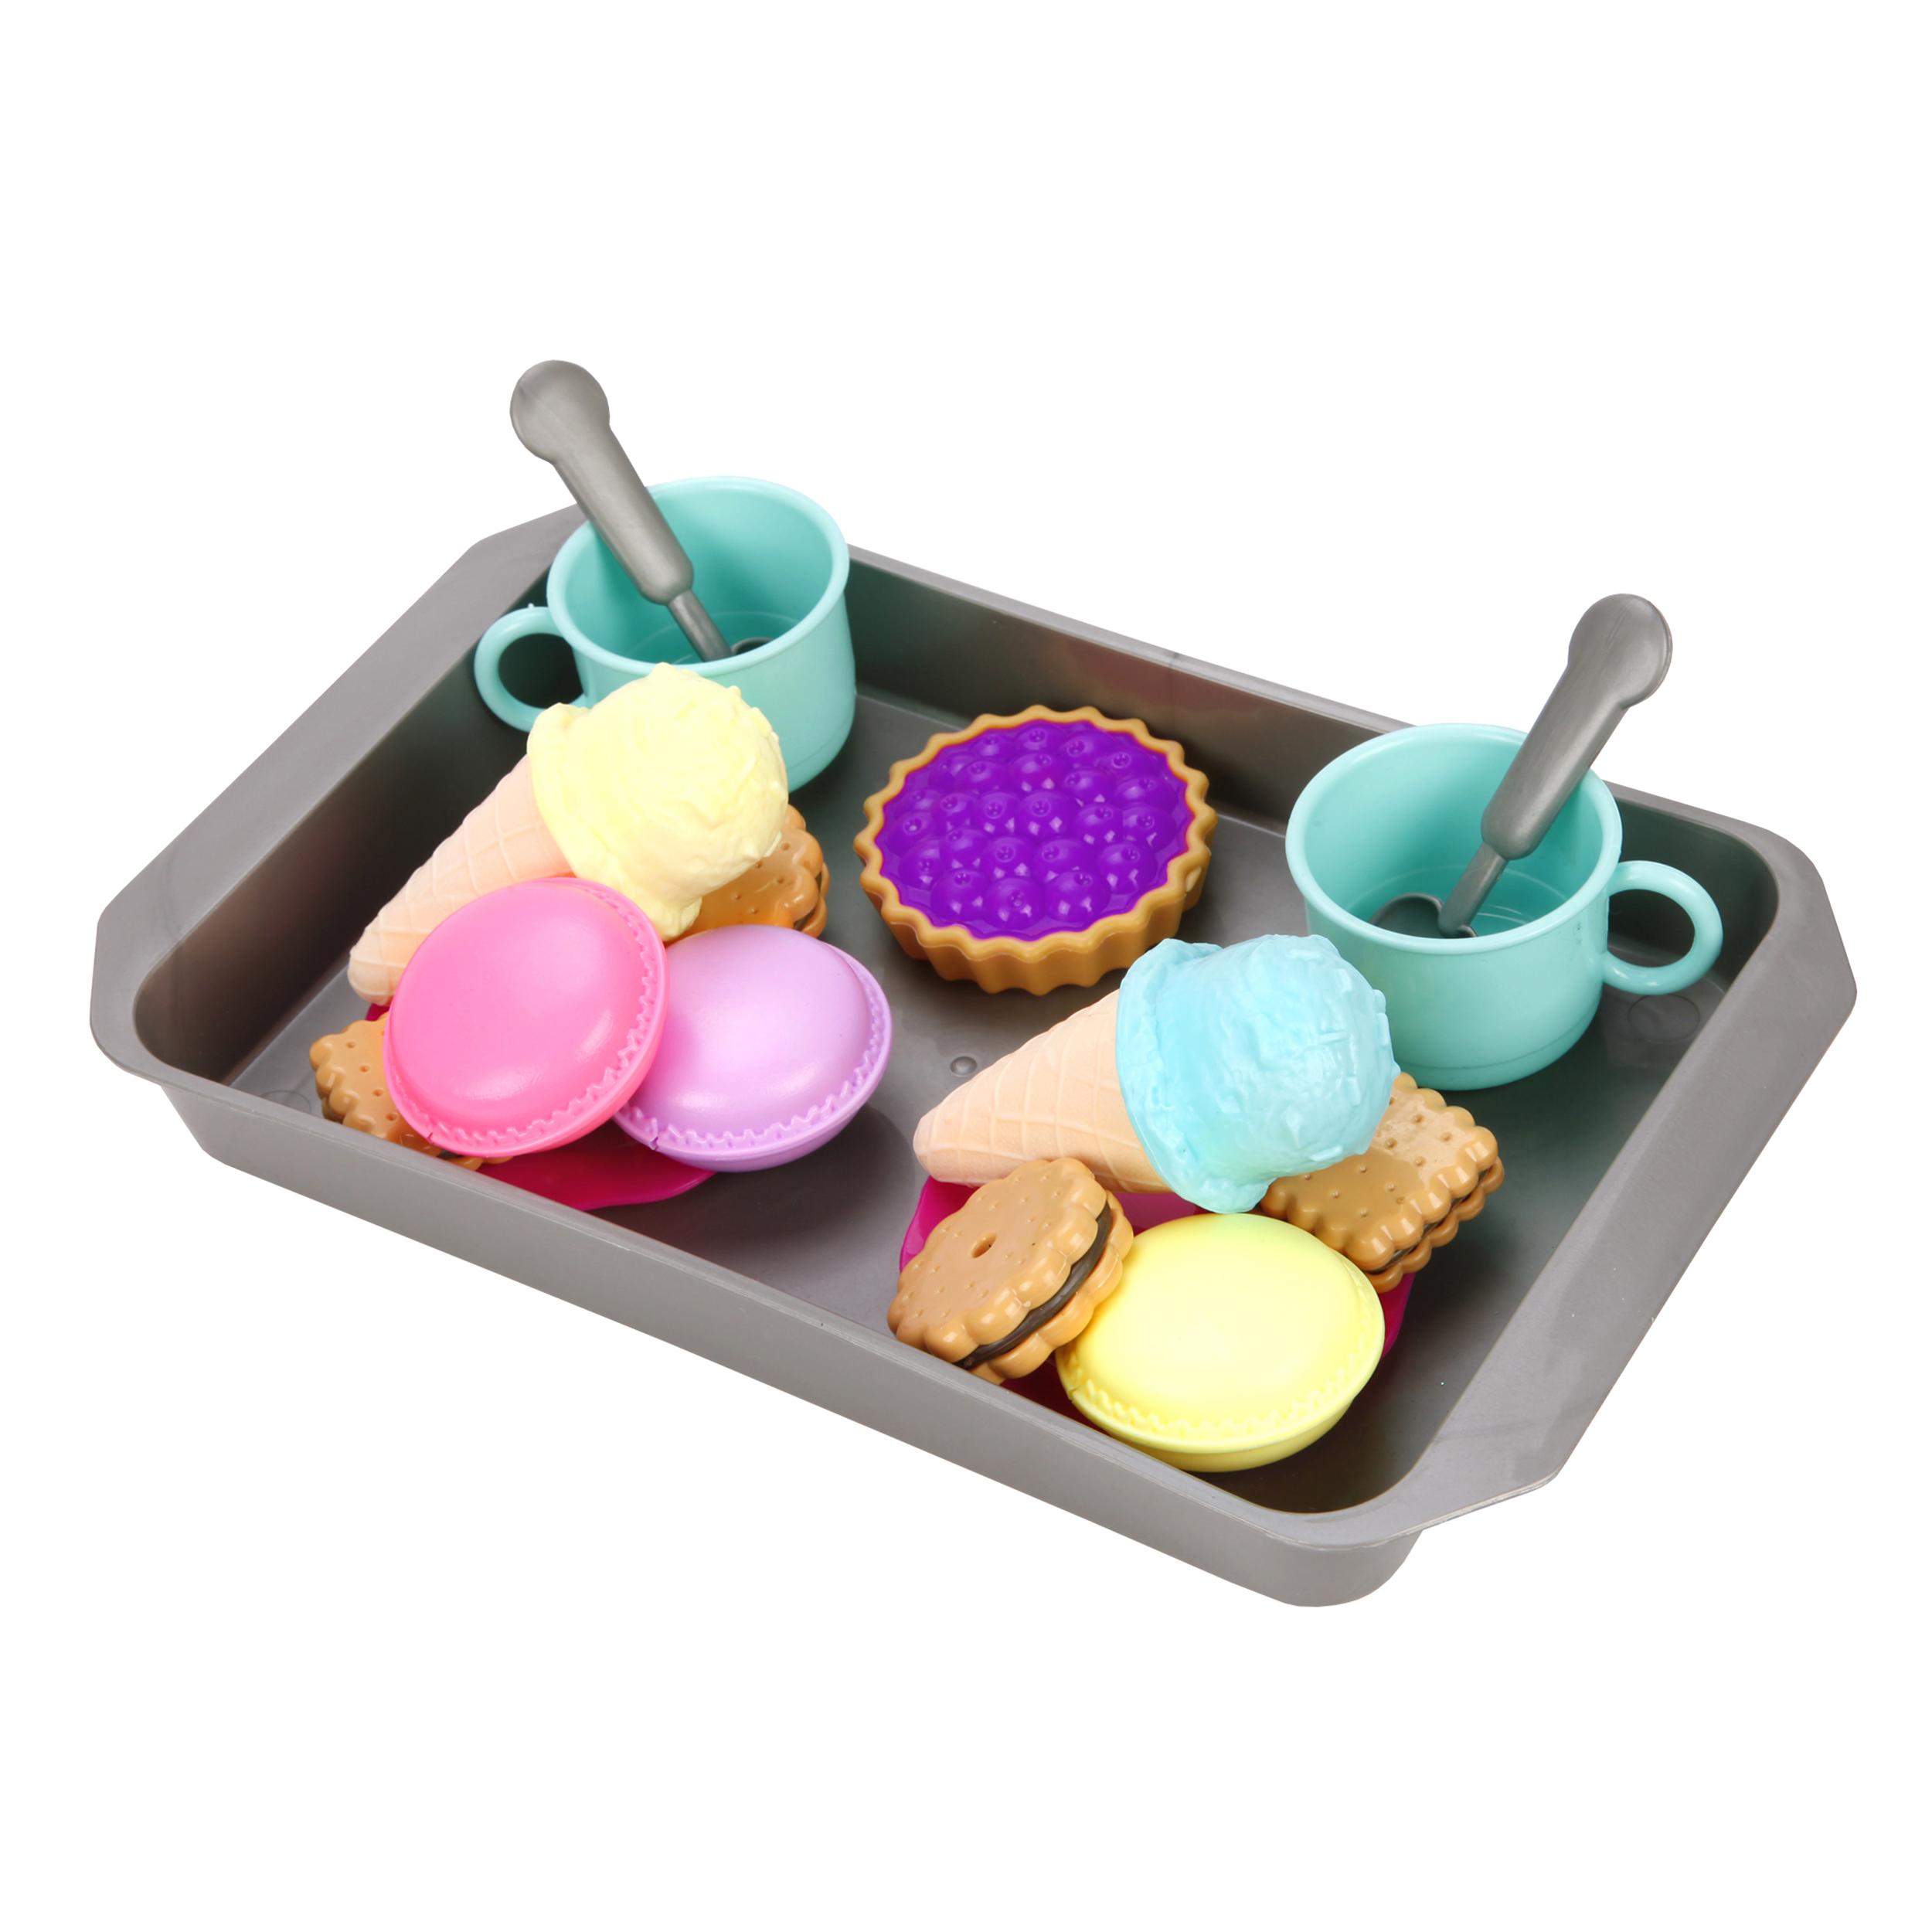 цена Набор посуды и продуктов Mary Poppins «Кухни мира. Французская кондитерская» онлайн в 2017 году